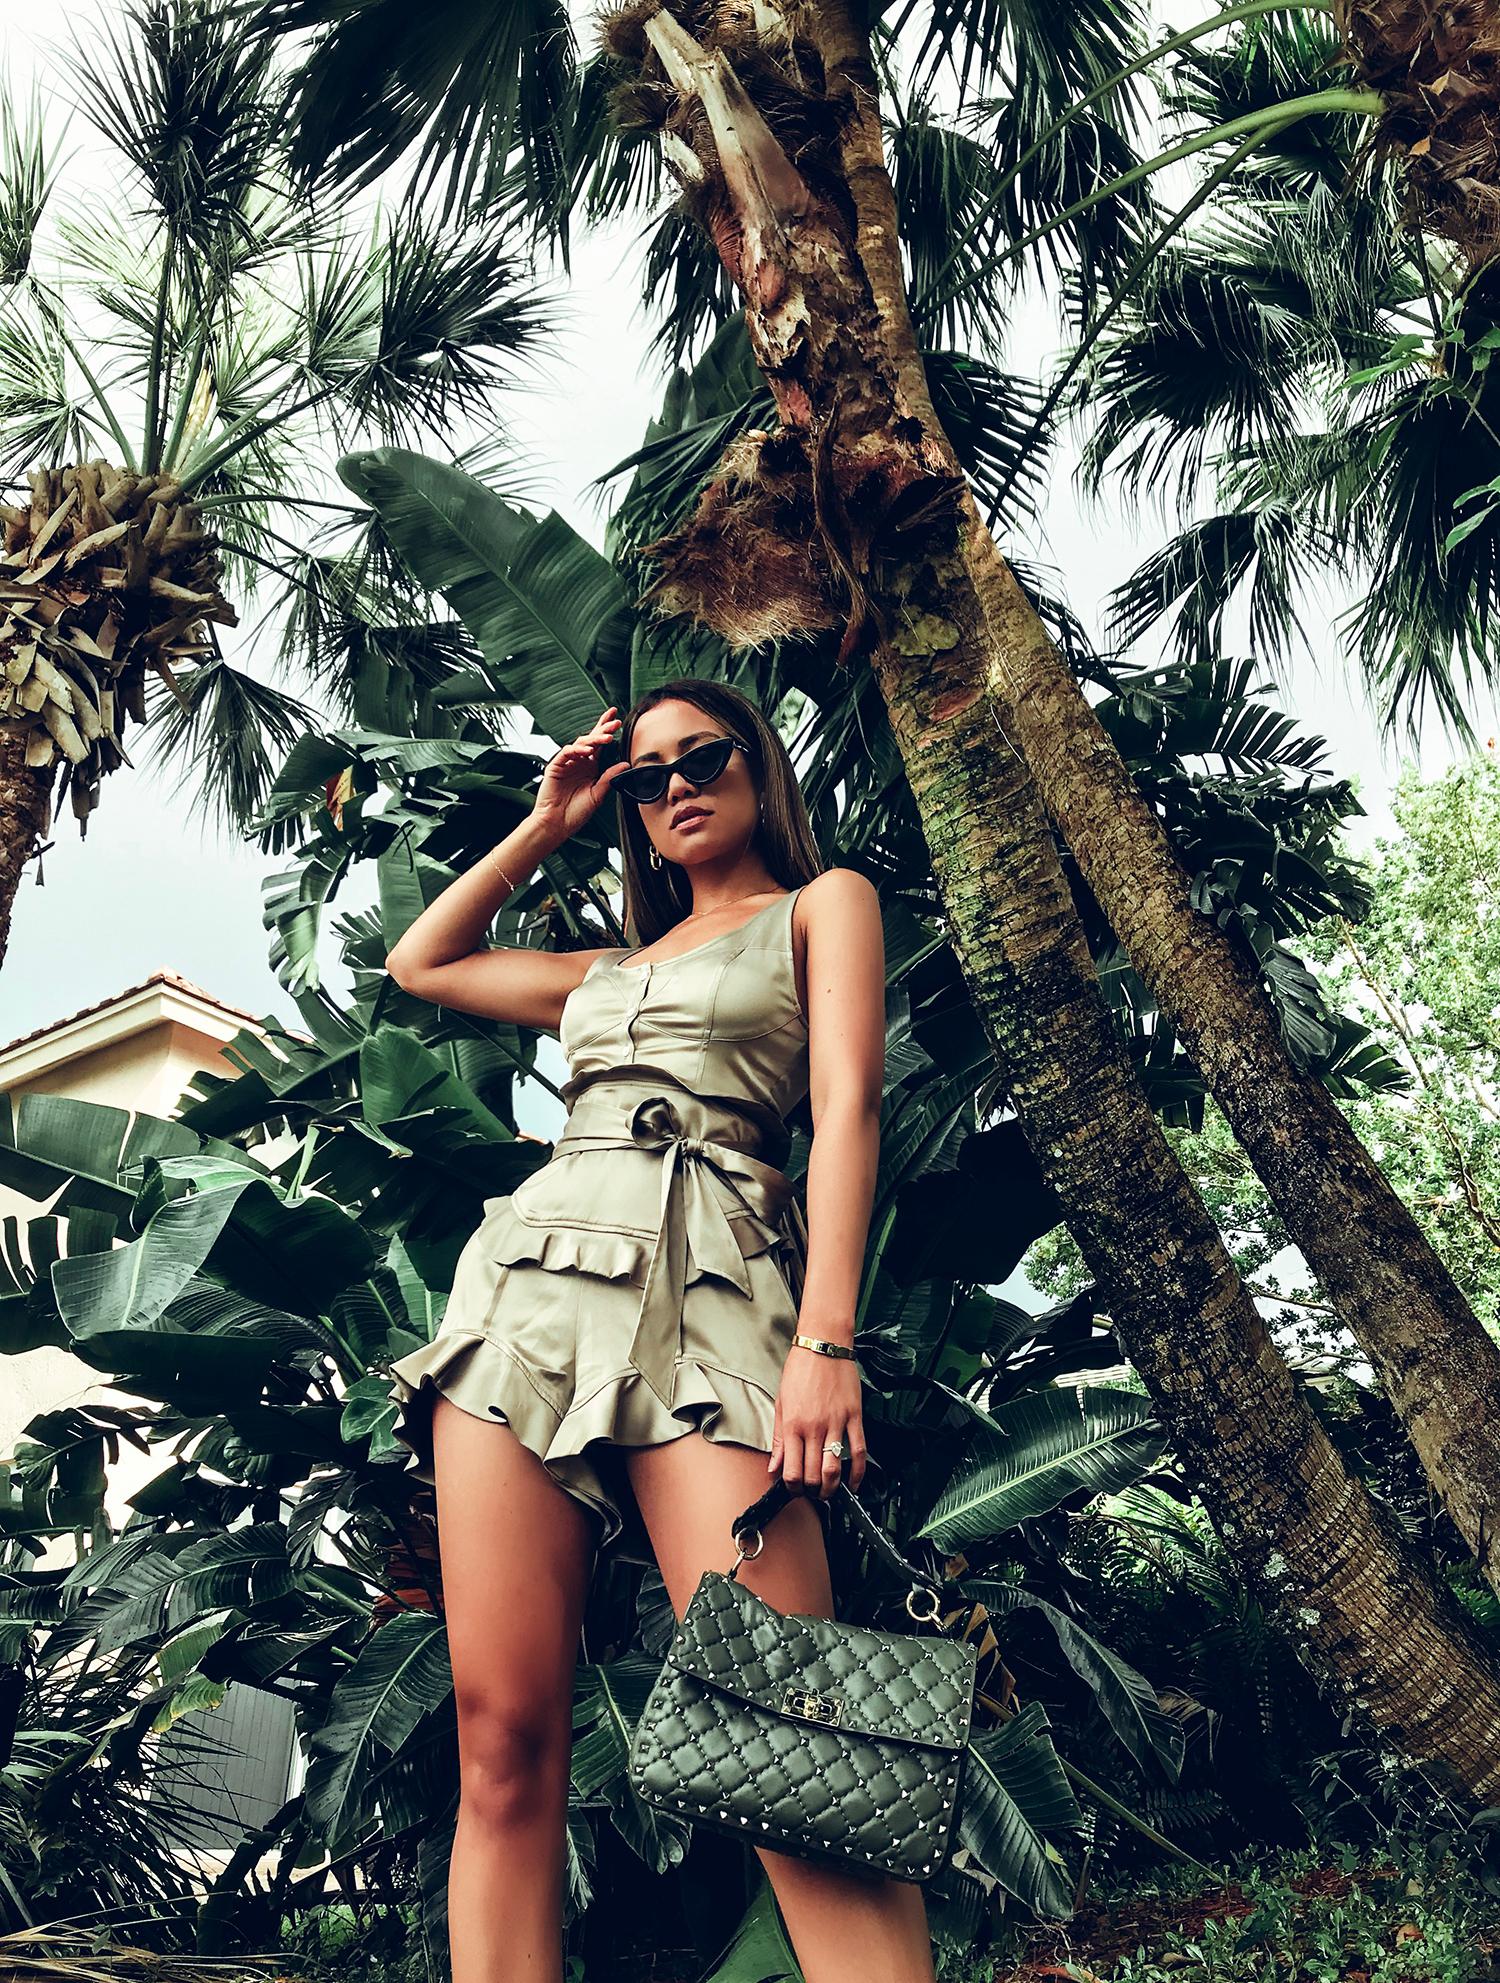 Jessi Malay wearing Marissa Webb NYC Matching Set